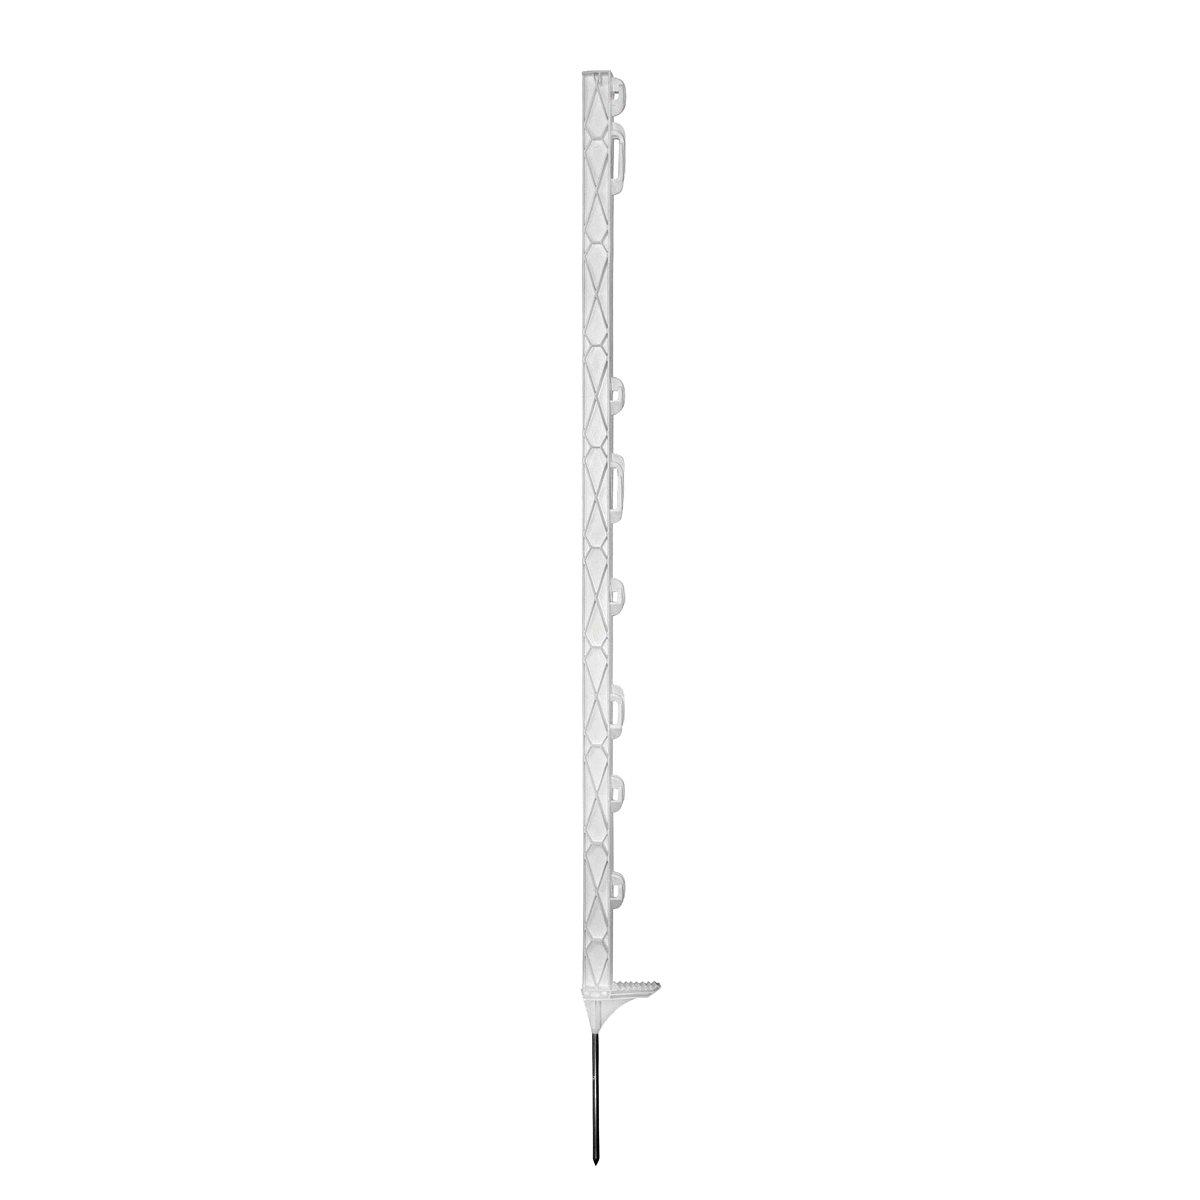 Abbildung von Ako Titan Plus Kunstst.pfahl m. Trittverstärkung Weiß 110cm